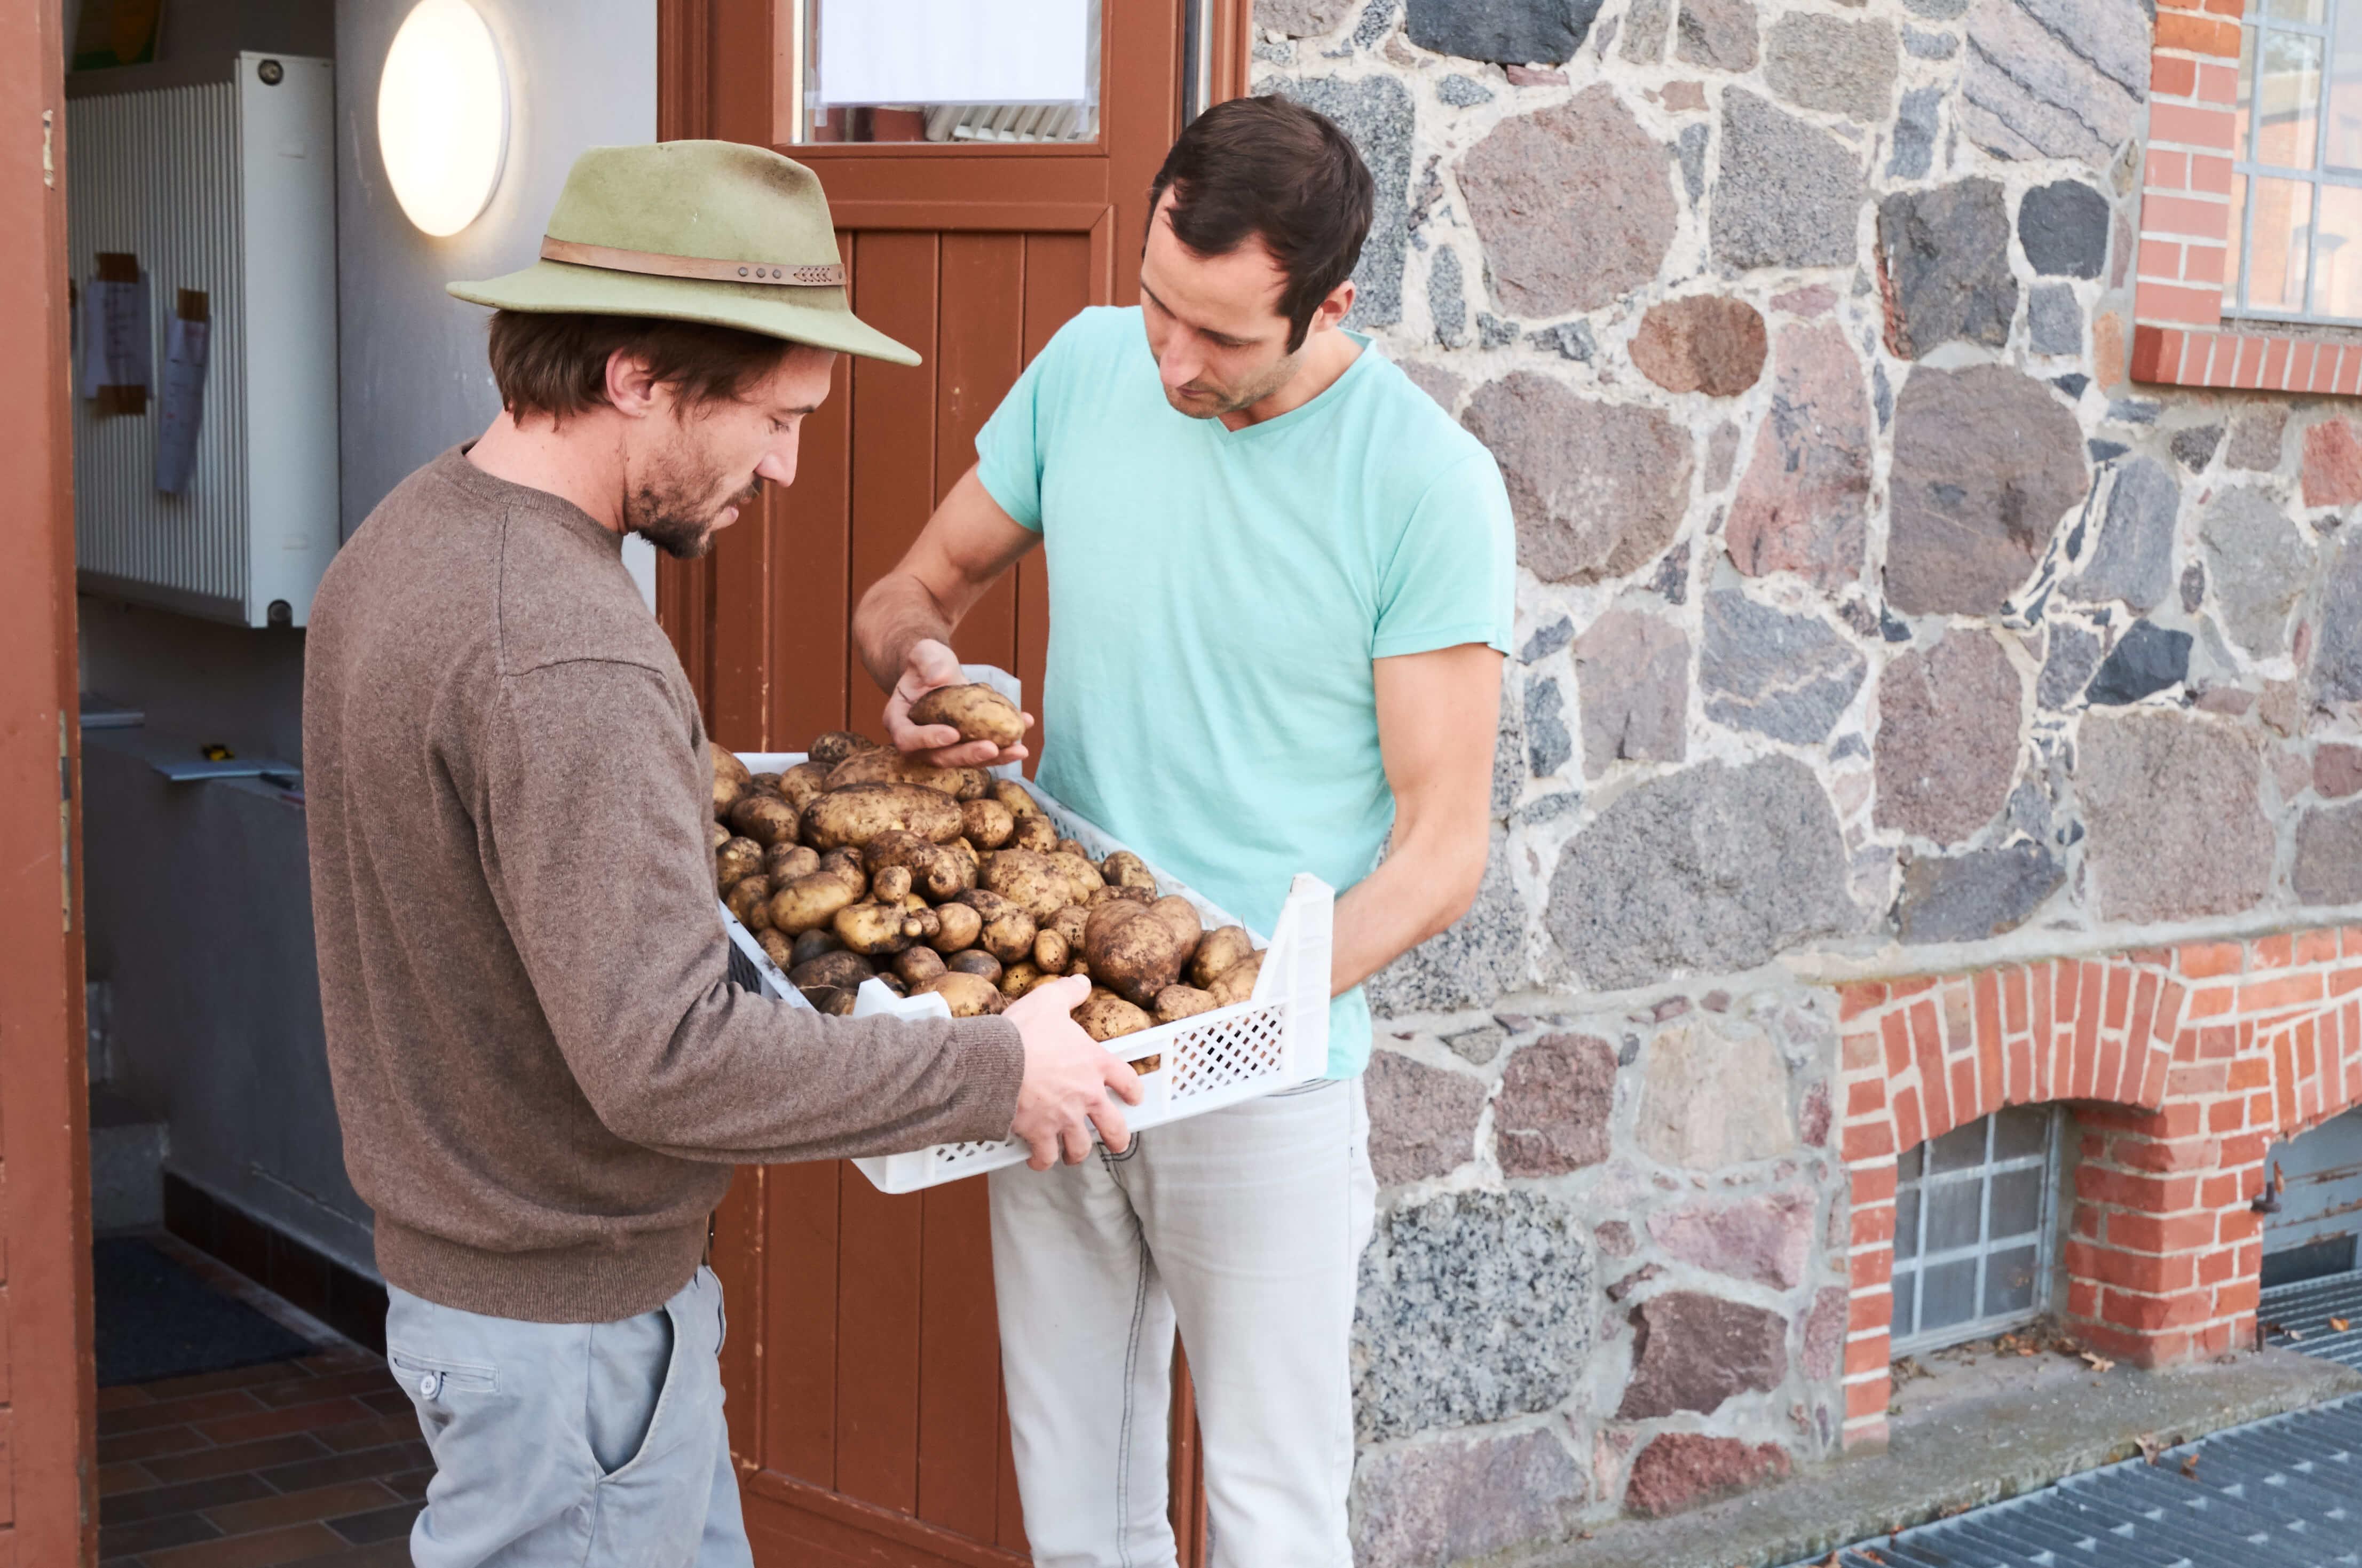 Regionaler Kartoffelkauf: Lunch Vegaz und die Pommersche Höfegemeinschaft